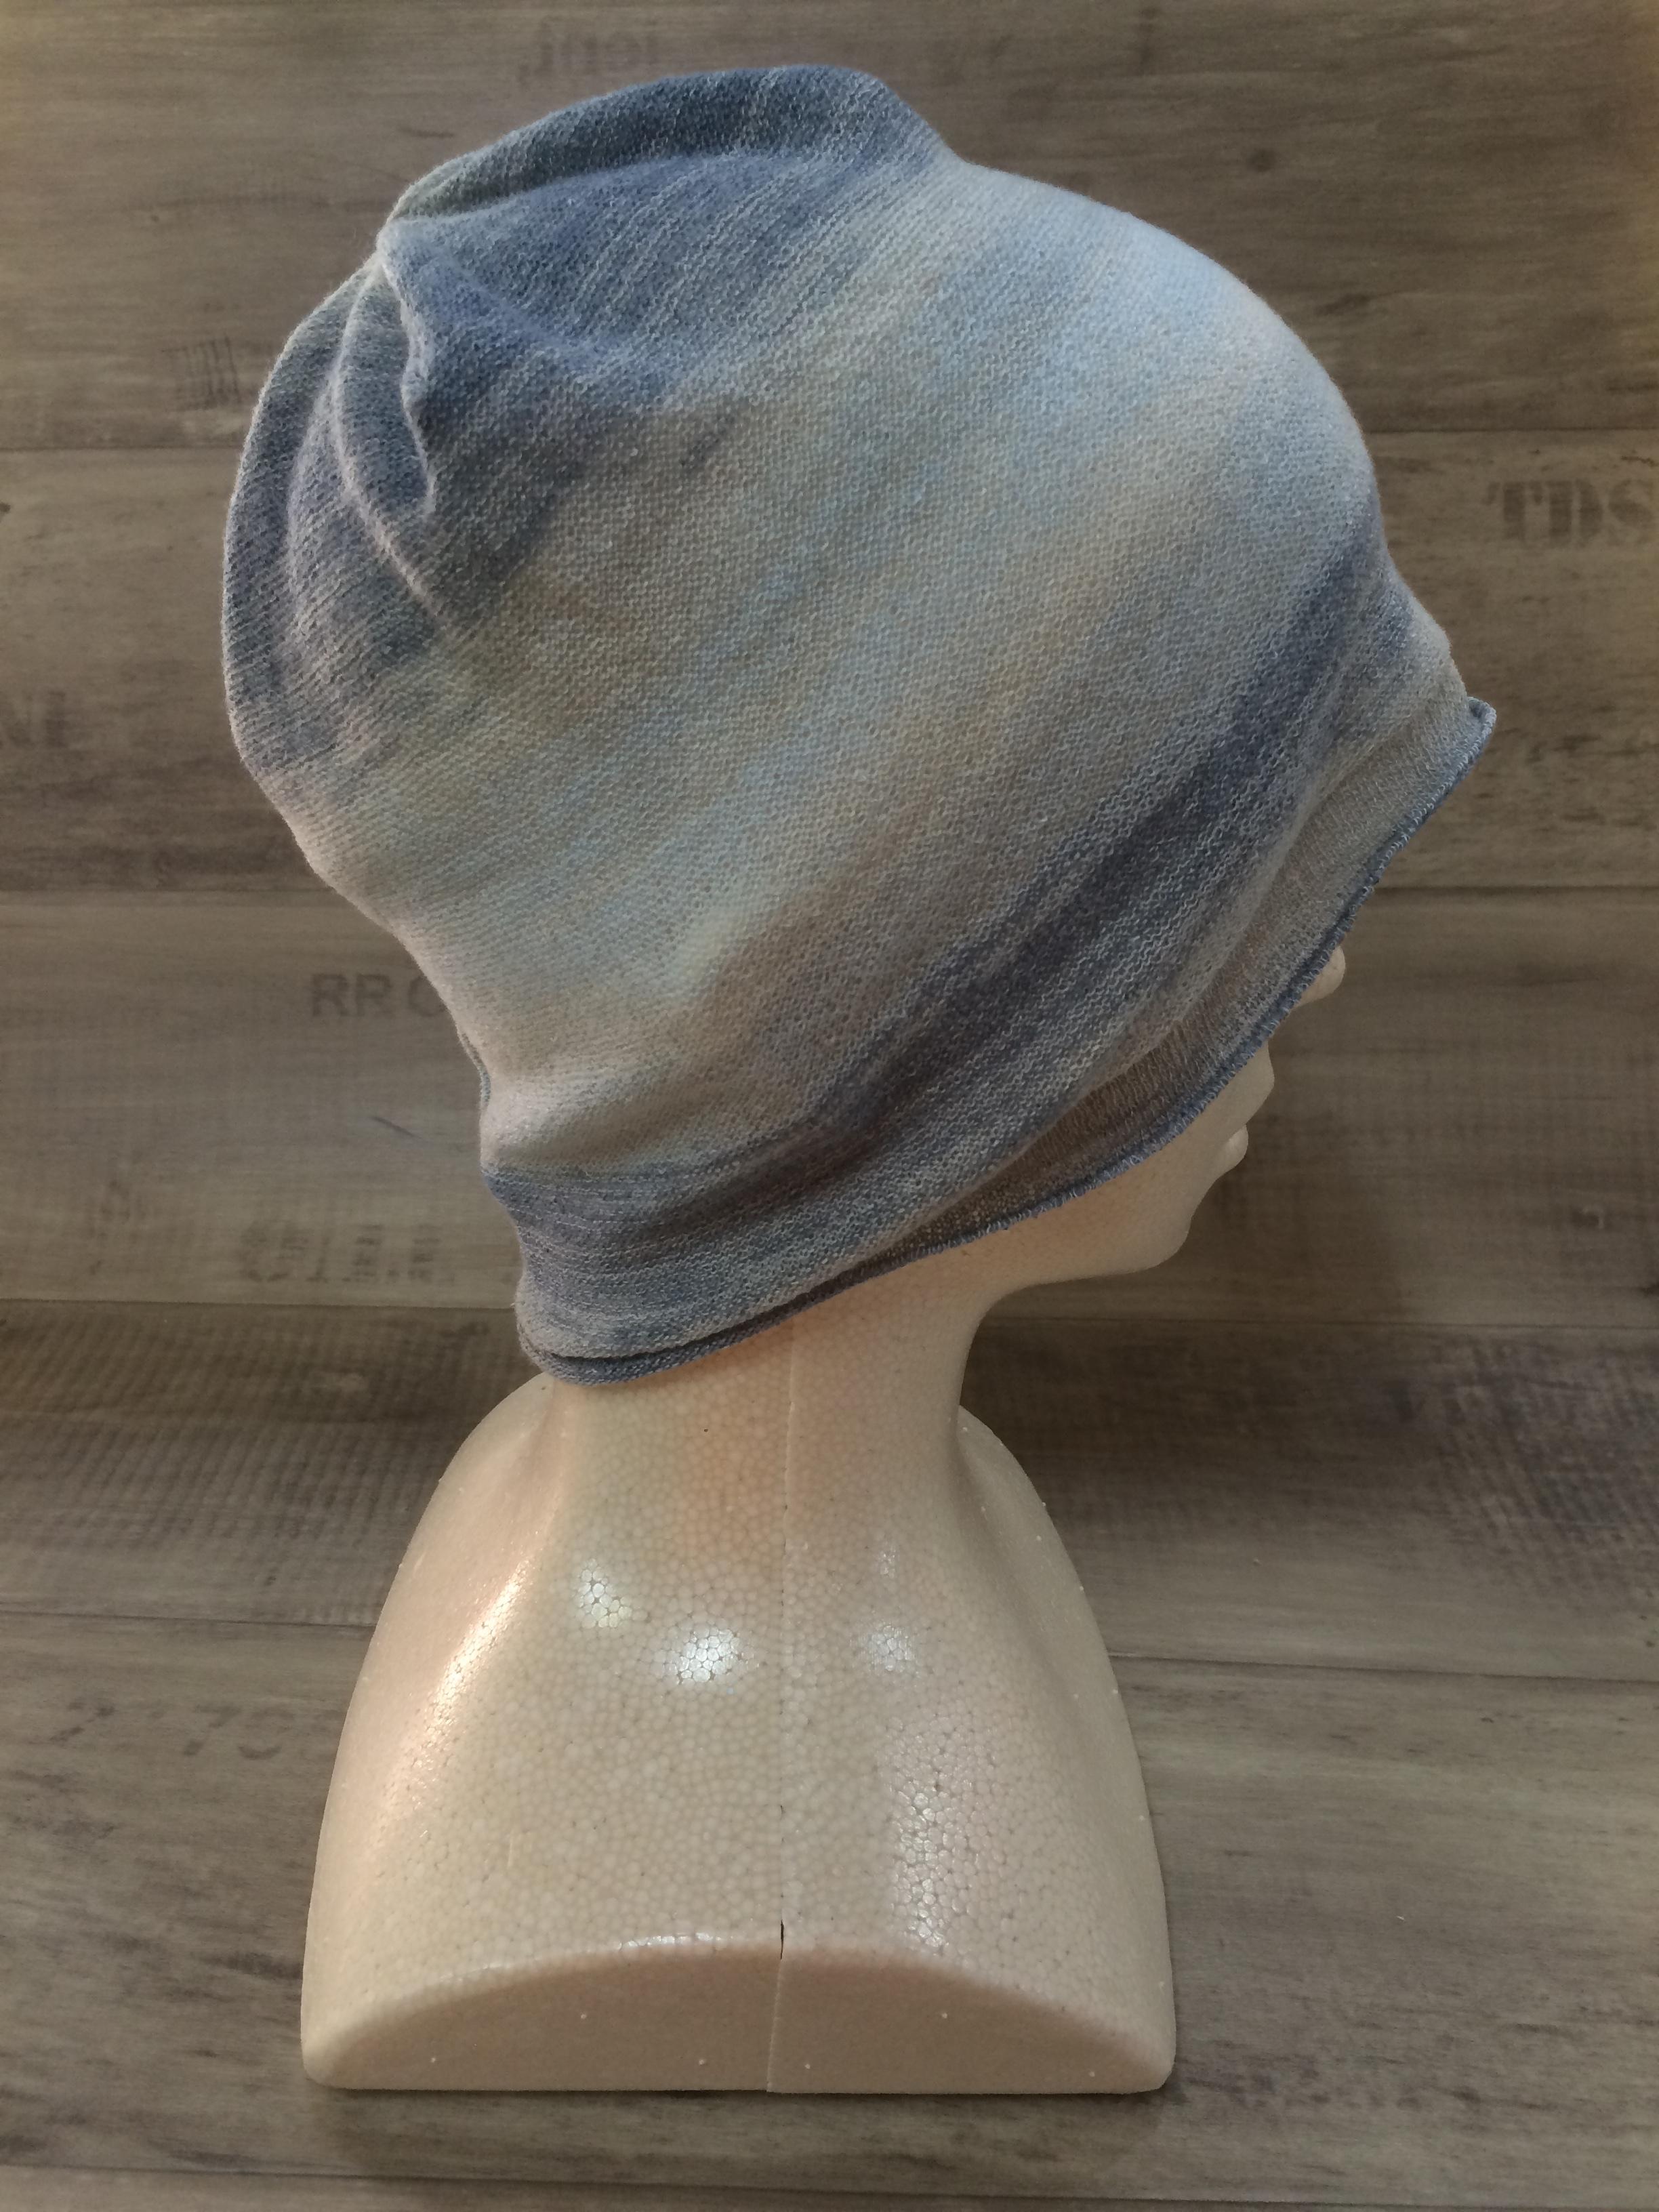 【送料無料】こころが軽くなるニット帽子amuamu|新潟の老舗ニットメーカーが考案した抗がん治療中の脱毛ストレスを軽減する機能性と豊富なデザイン NB-6059|空の海(そらのうみ) - 画像3